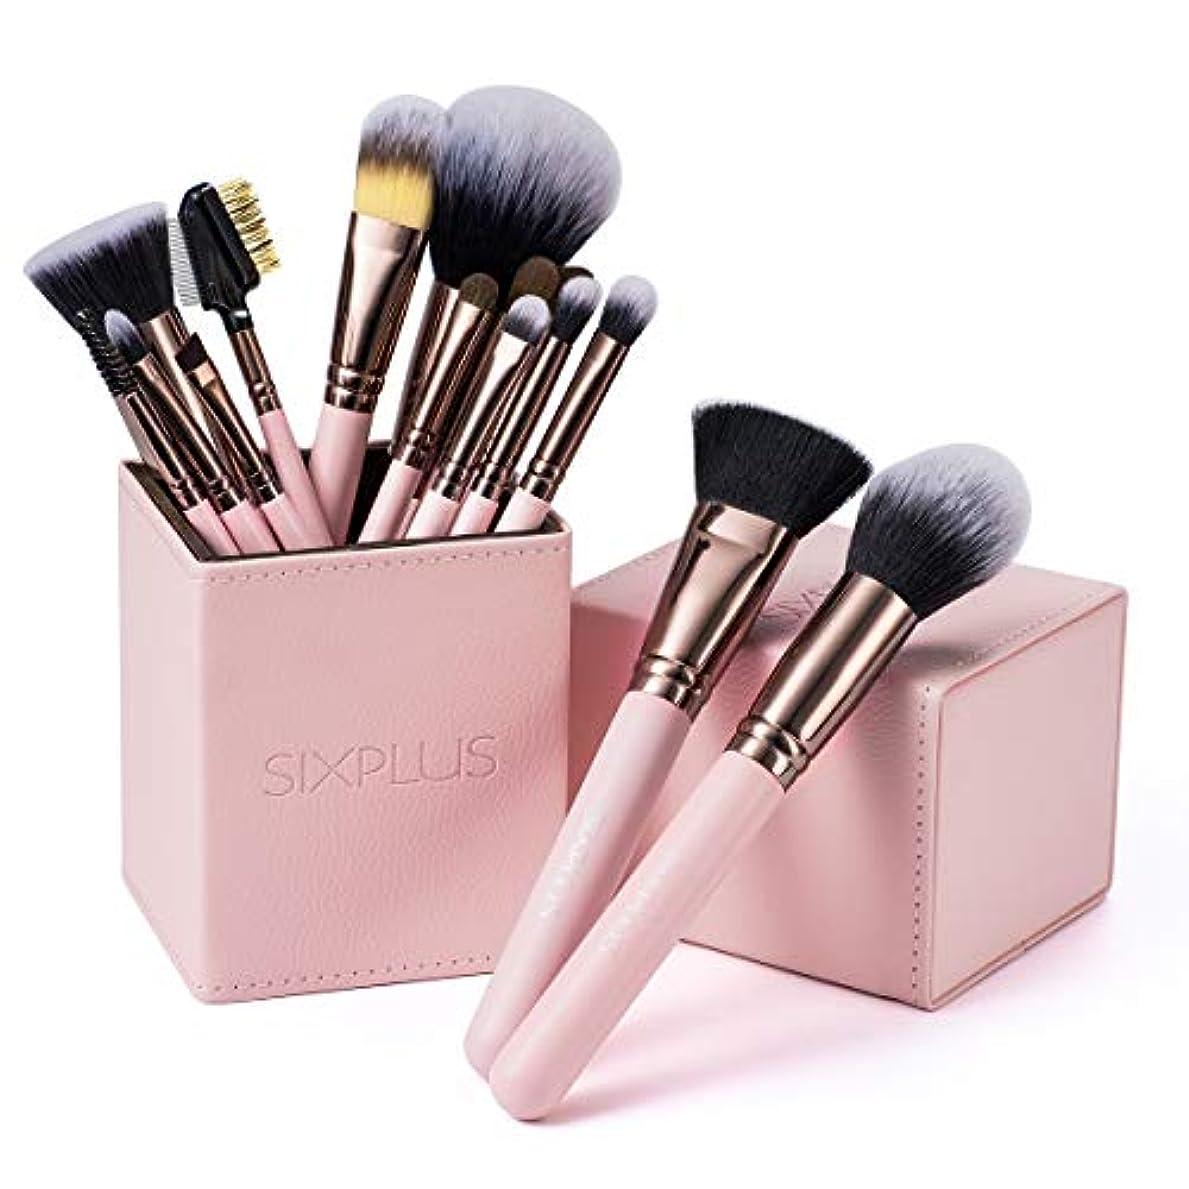 合体ホーン展示会SIXPLUS ロマンチックなピンク色 メイクブラシ 15本セット(ピンク色)